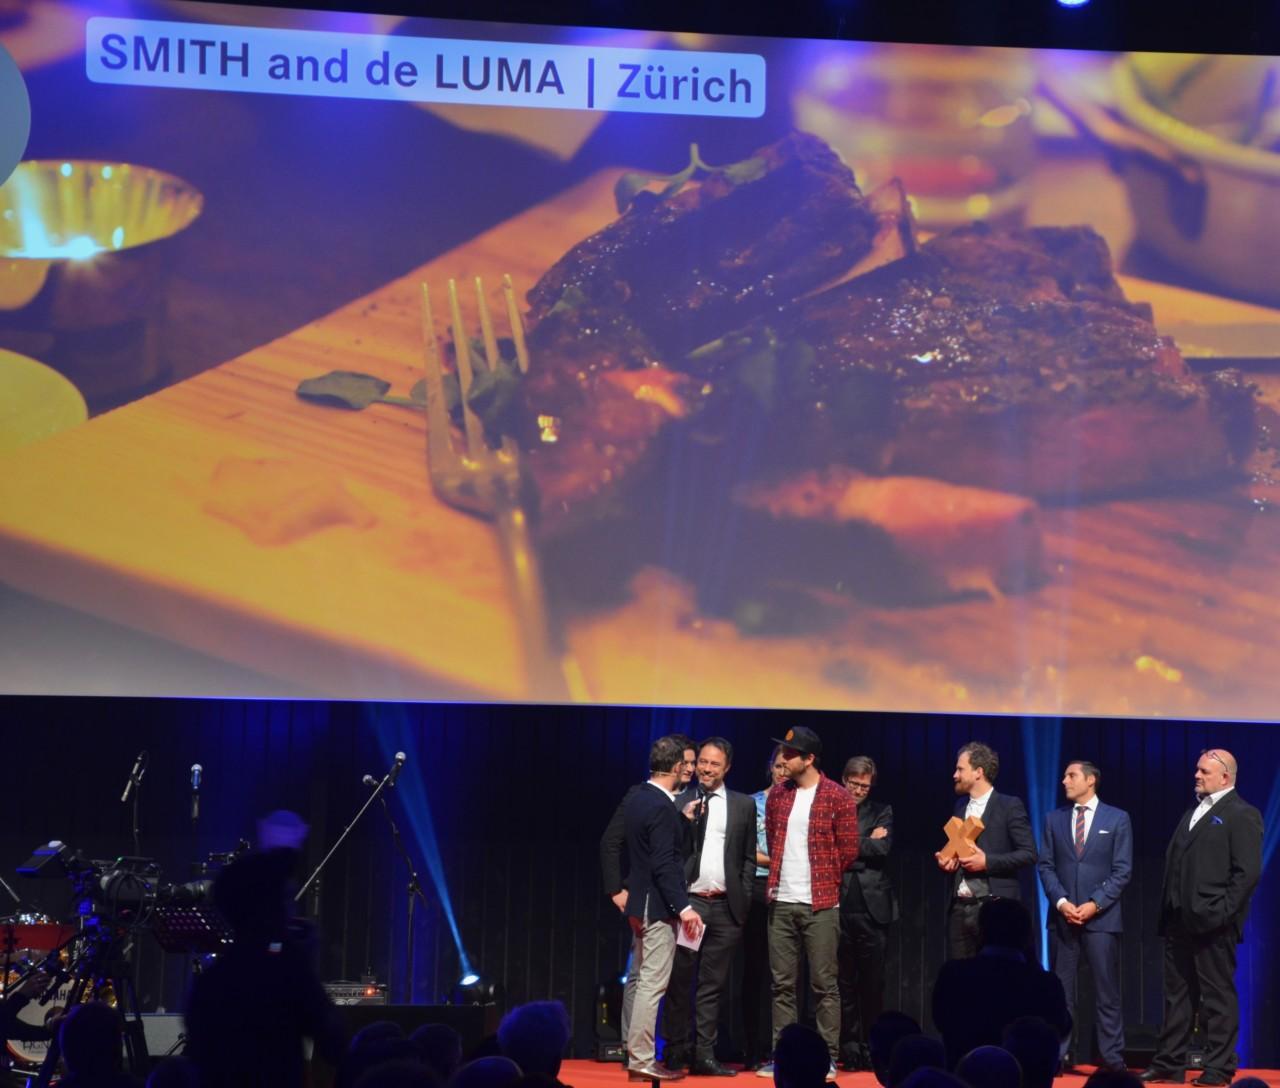 Die Trendsetter aus Zürich: Smith and de LUMA. Foto: Lunchgate/Anna